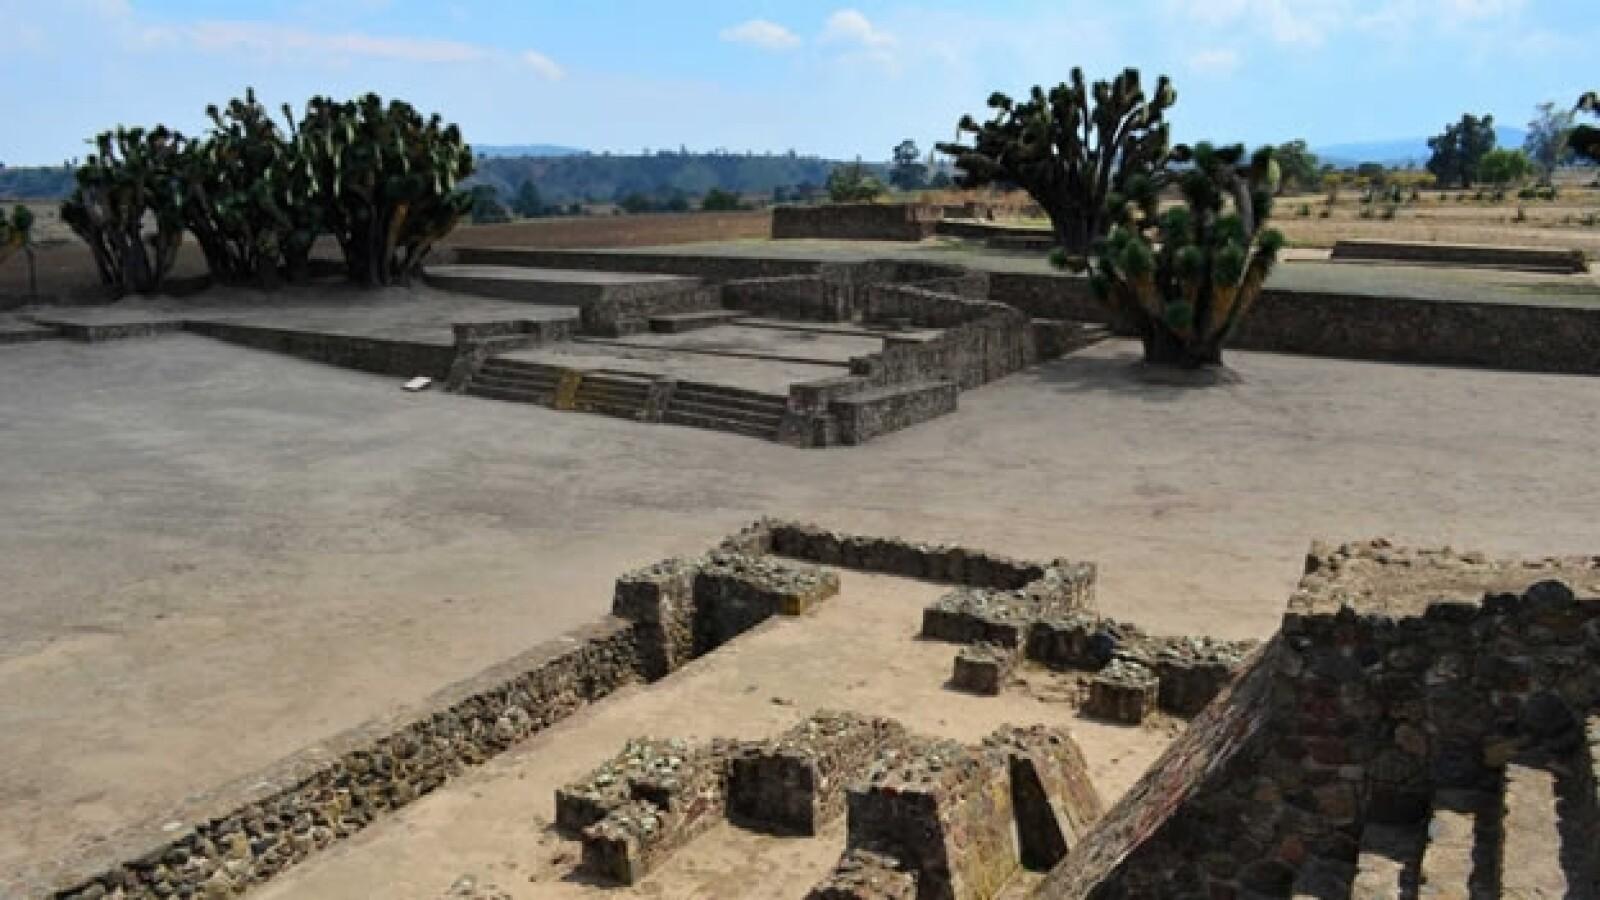 zona arqueologica en tecoaque, tlaxcala